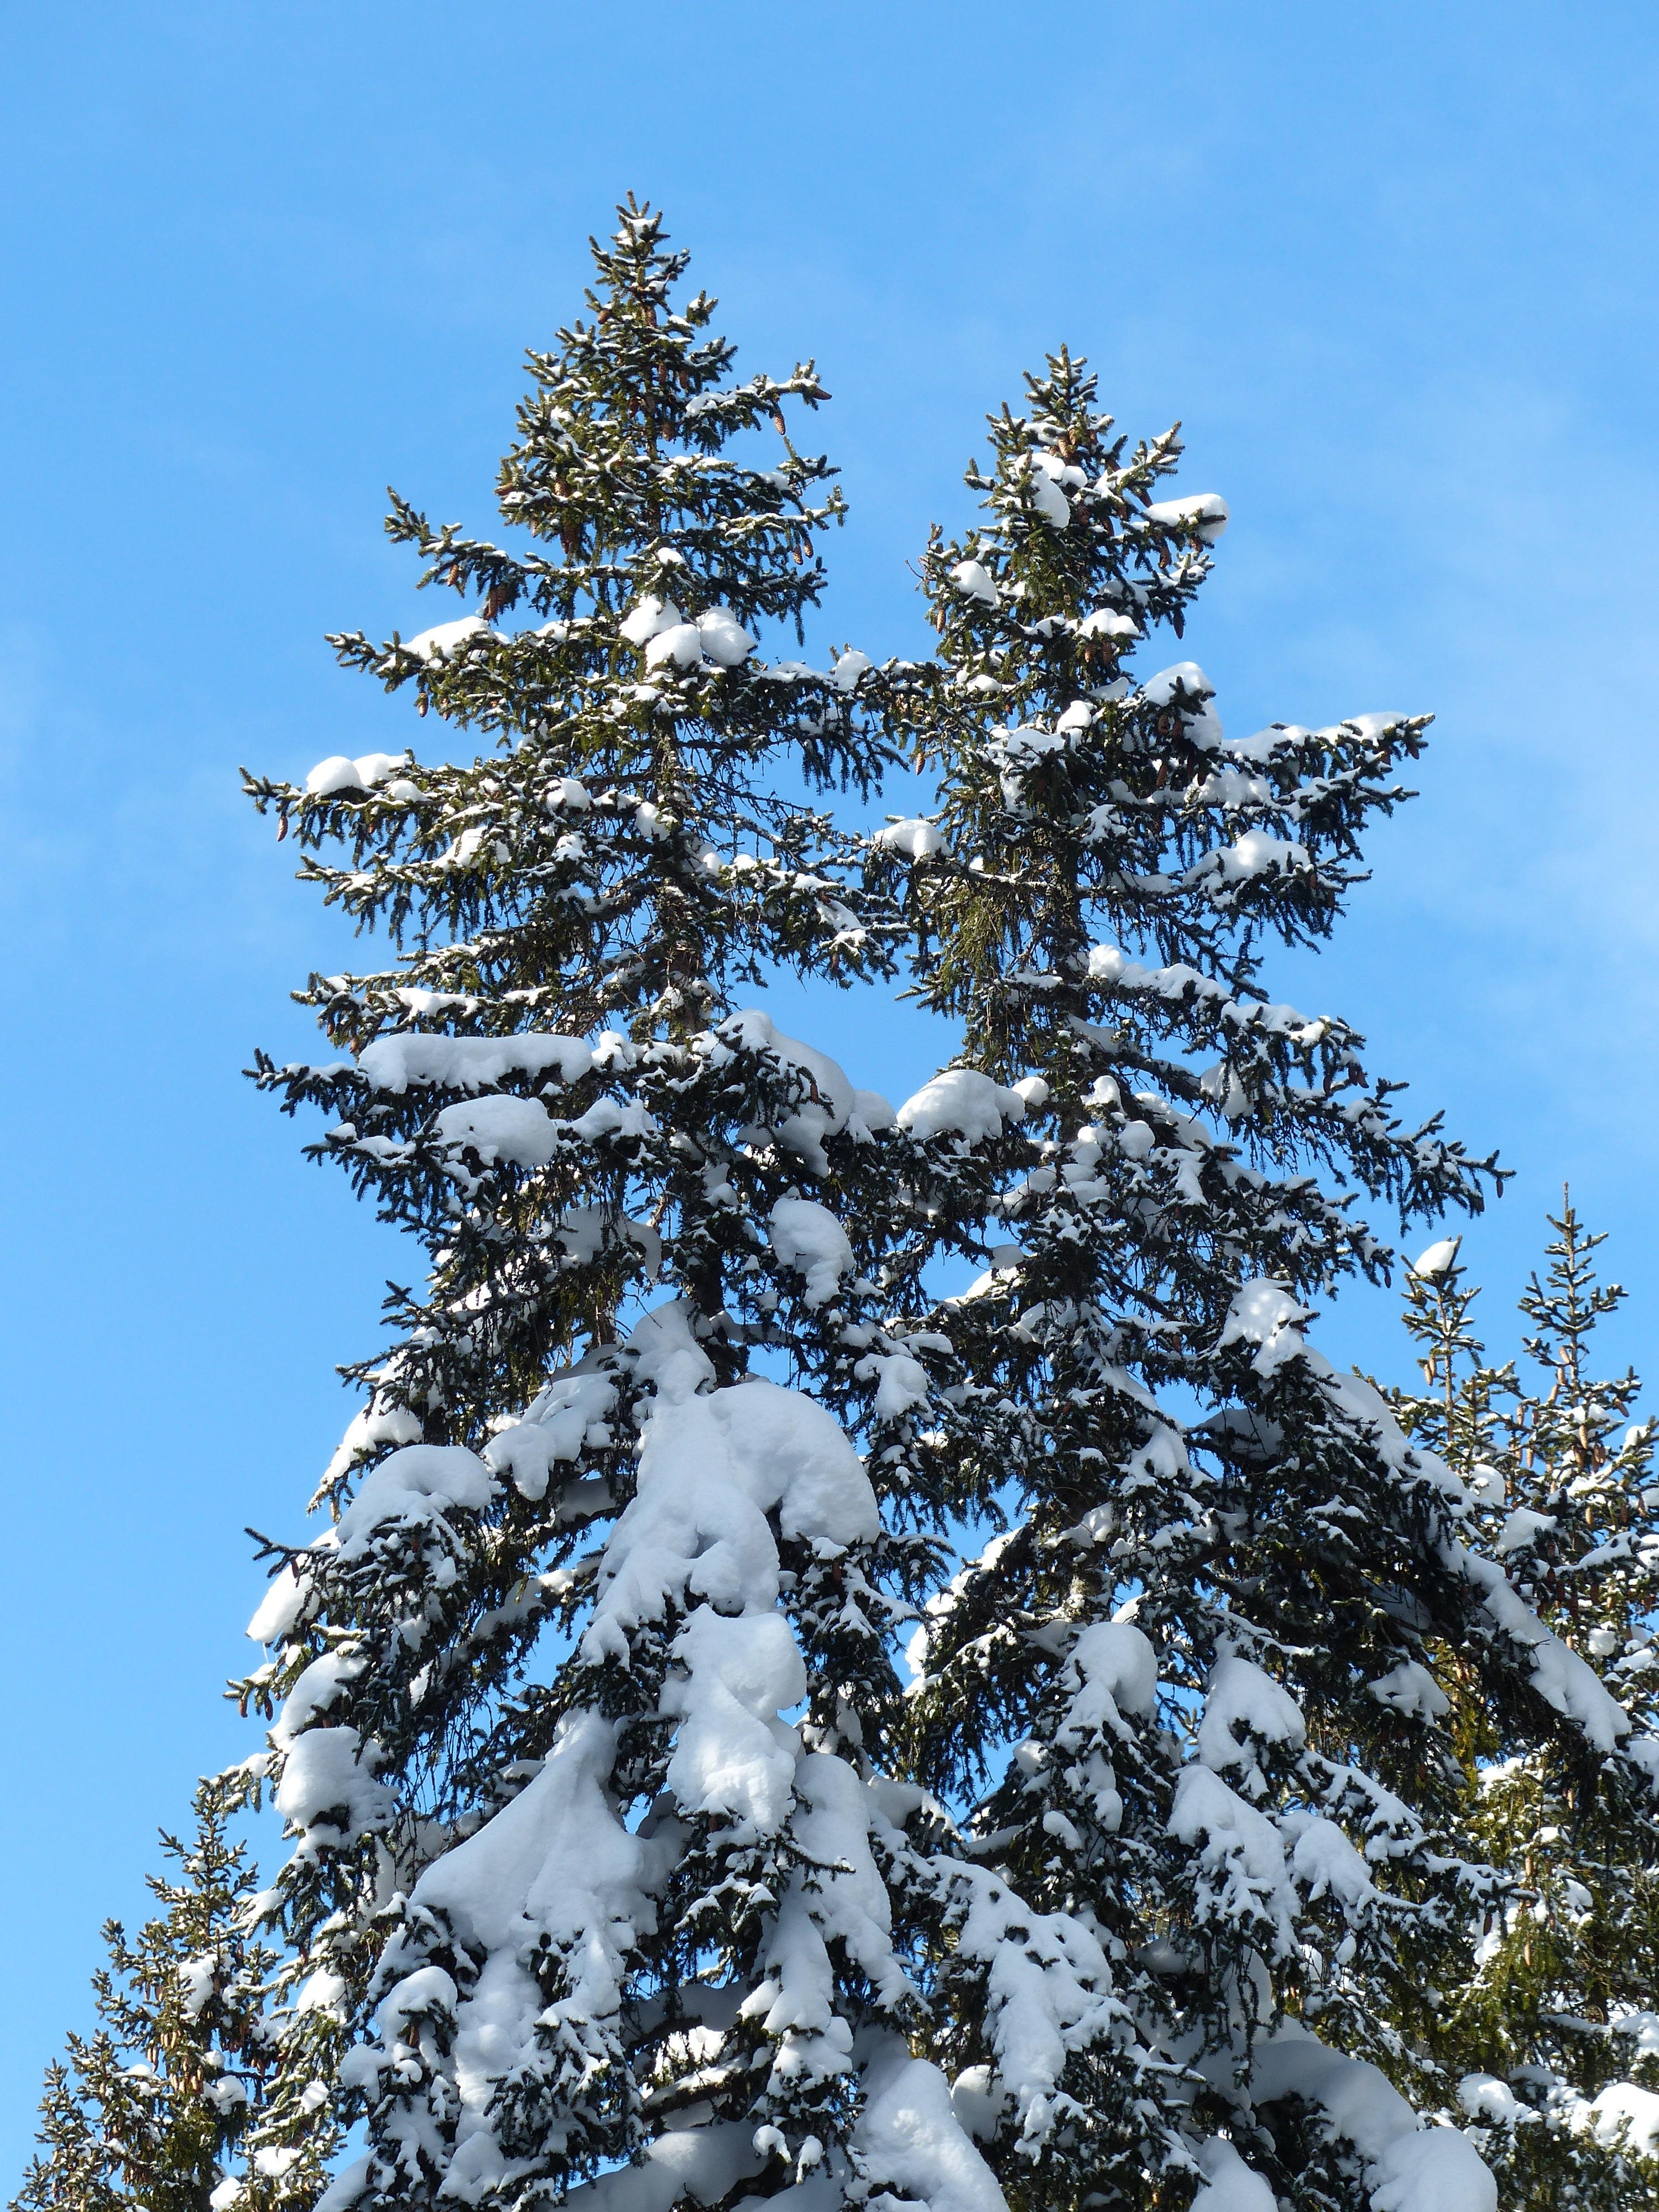 fotos gratis paisaje rama fro planta cielo hojas perennes clima nevado abeto rbol de navidad temporada confera rboles picea